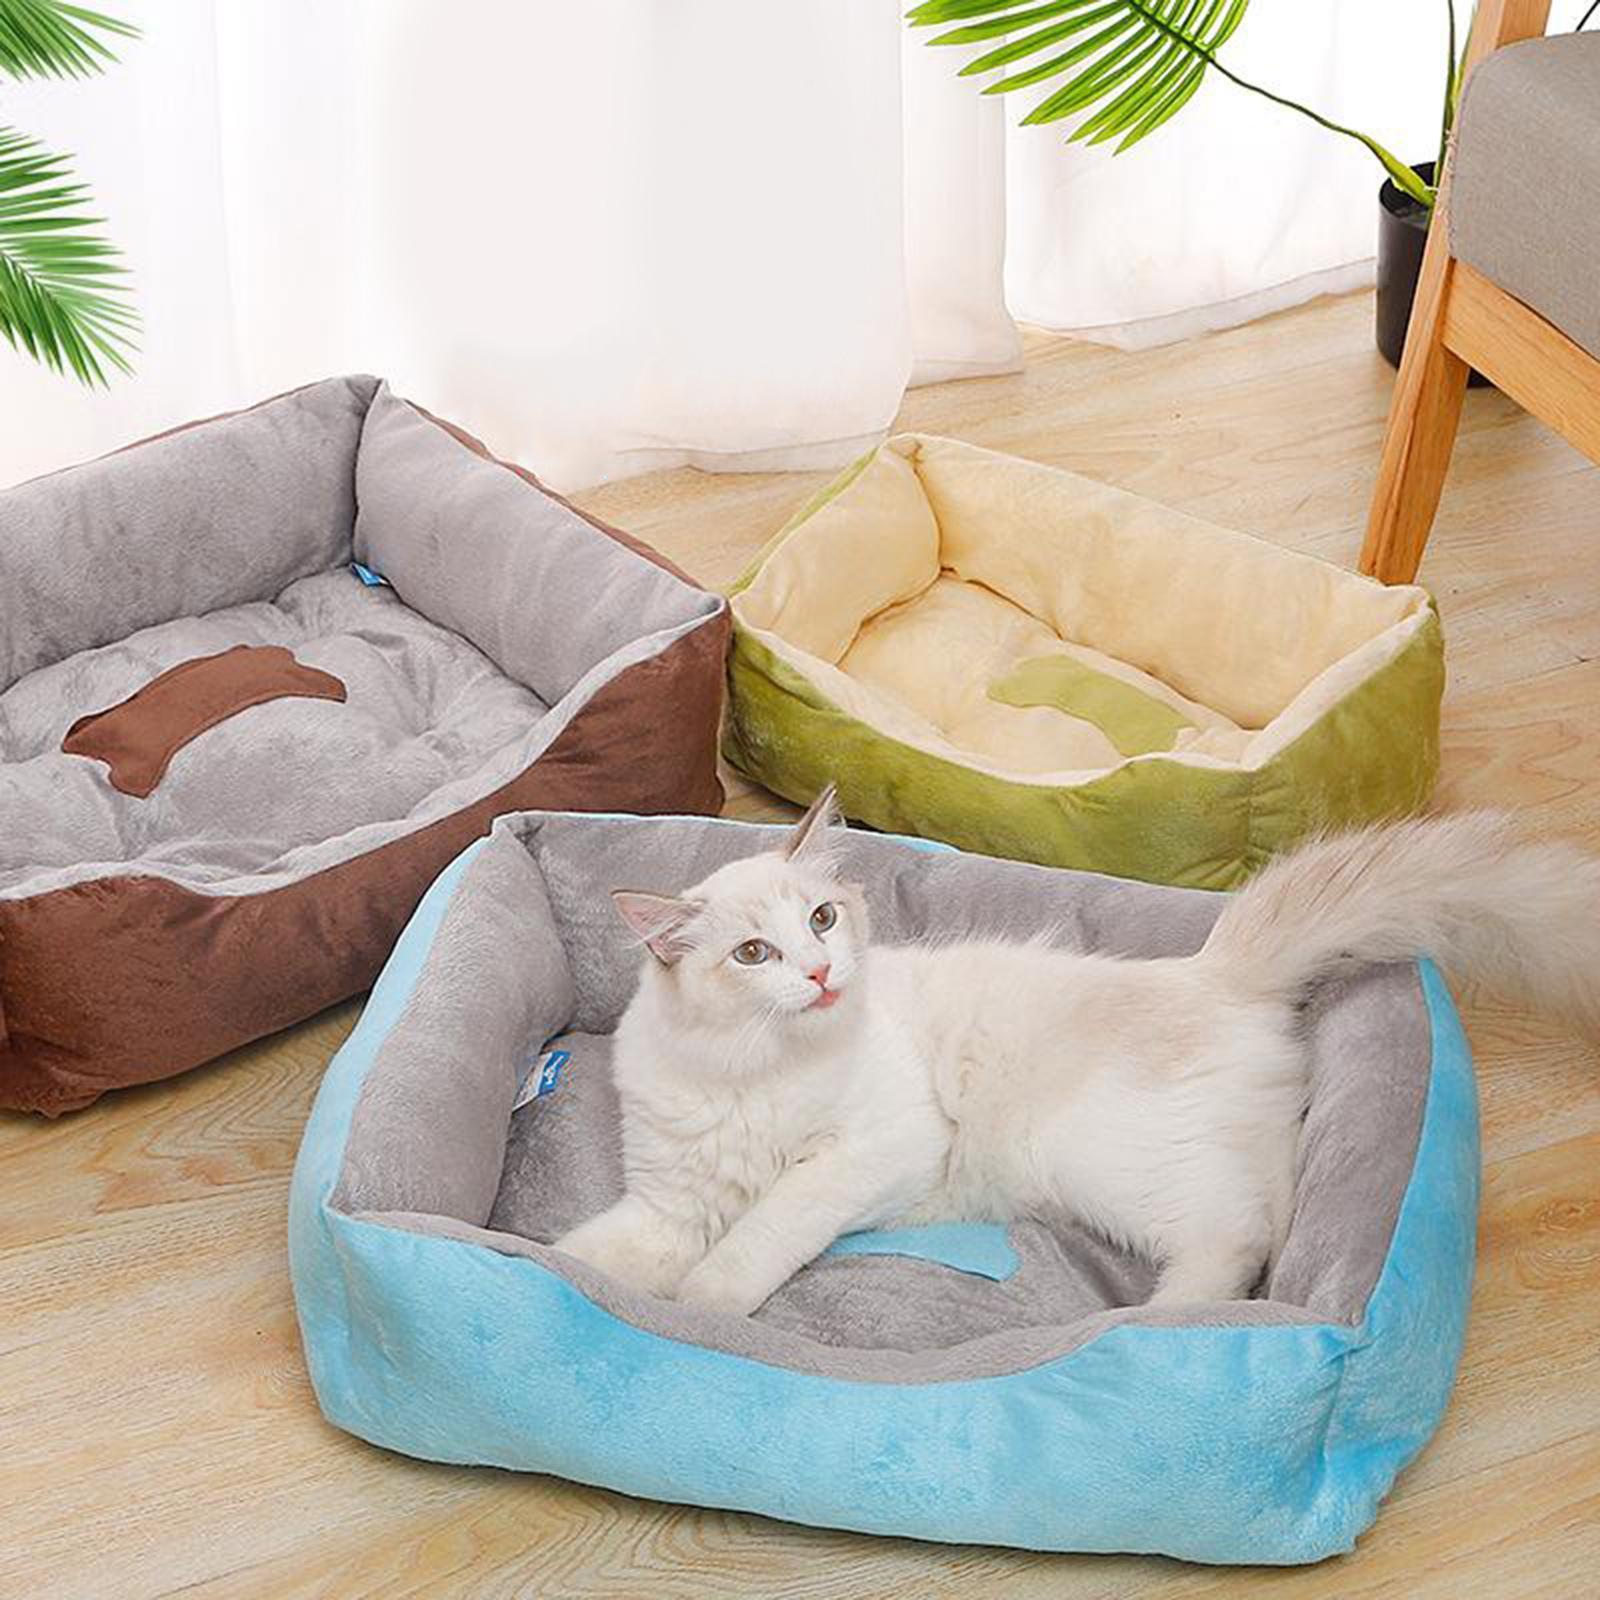 Indexbild 58 - Katze-Hund-Bett-Pet-Kissen-Betten-Haus-Schlaf-Soft-Warmen-Zwinger-Decke-Nest